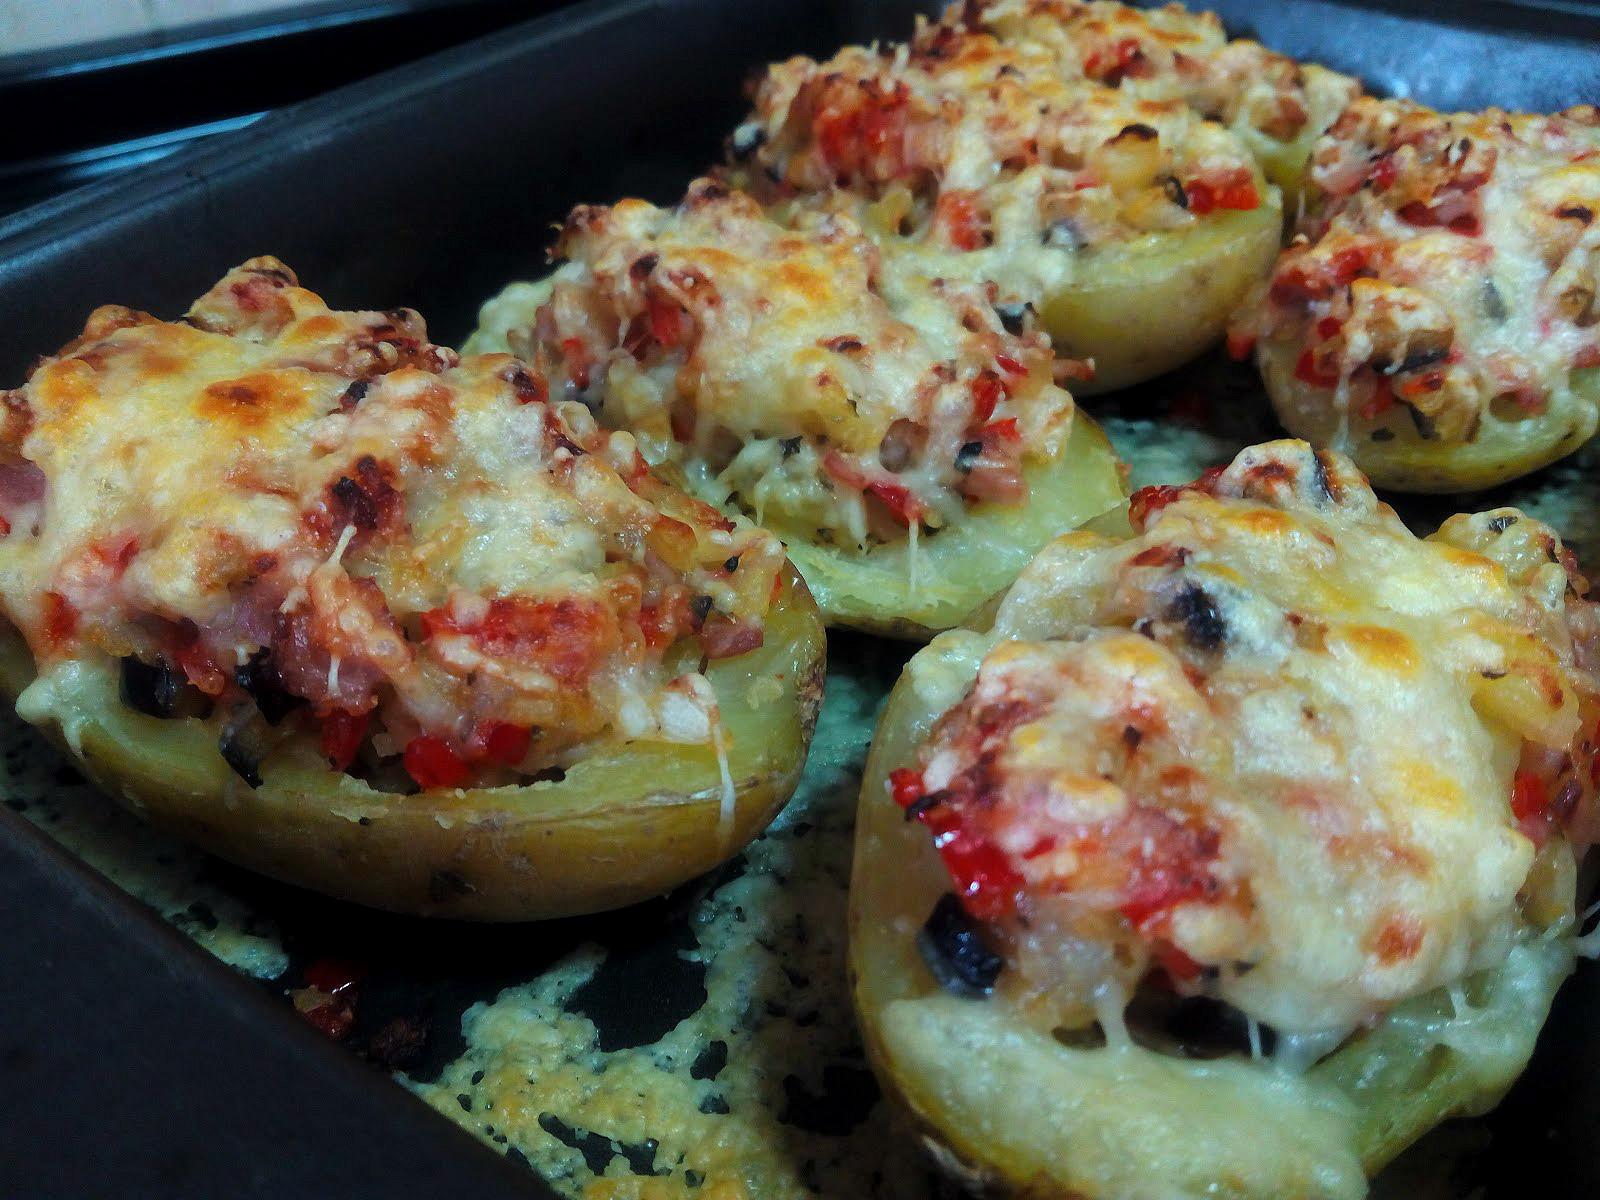 Recetas Faciles Con Patatas Anna Recetas Faciles